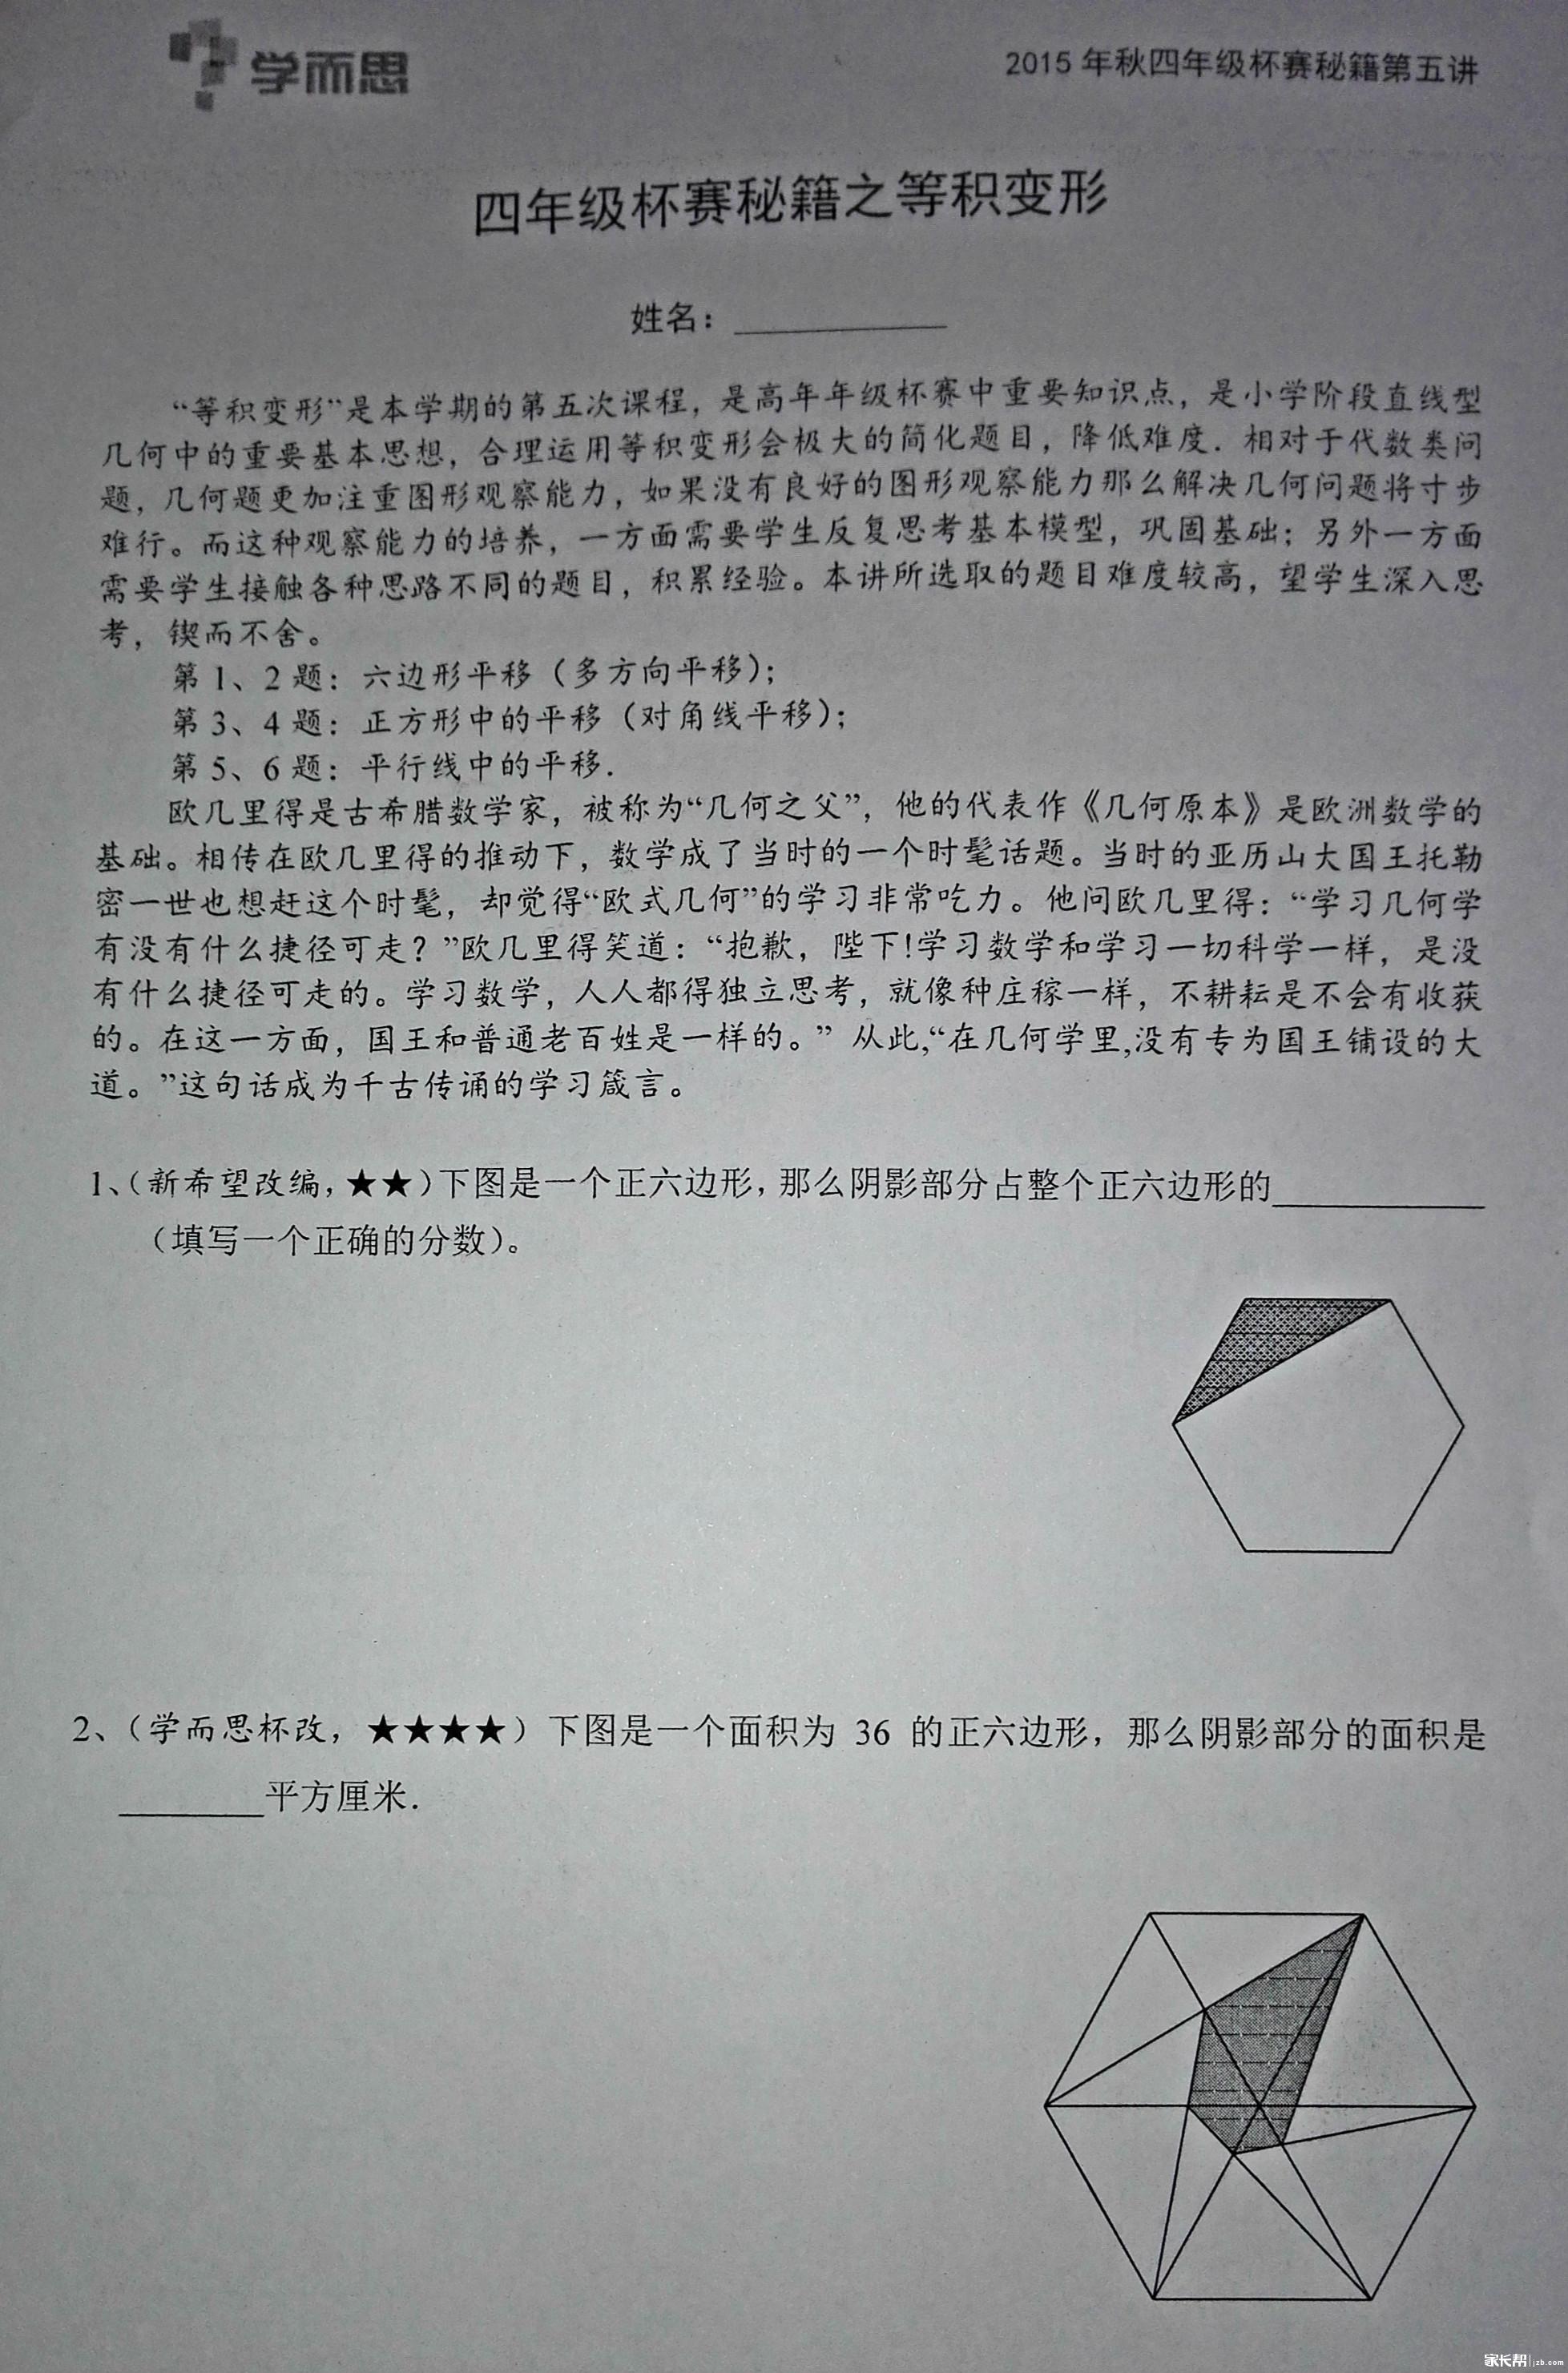 试题1.jpg